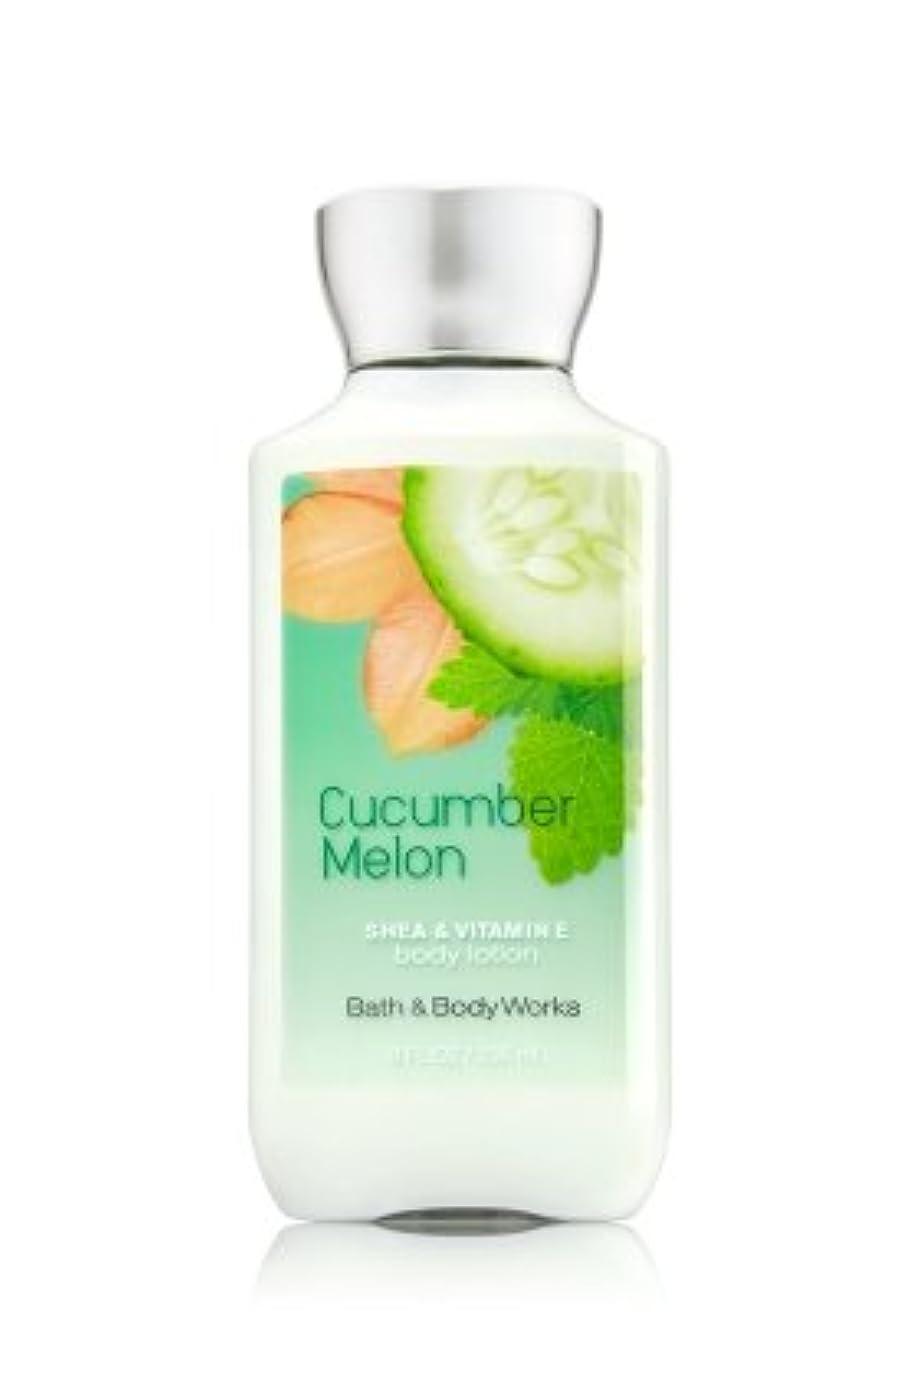 敷居ピクニックをする必需品【Bath&Body Works/バス&ボディワークス】 ボディローション キューカンバーメロン Body Lotion Cucumber Melon 8 fl oz / 236 mL [並行輸入品]